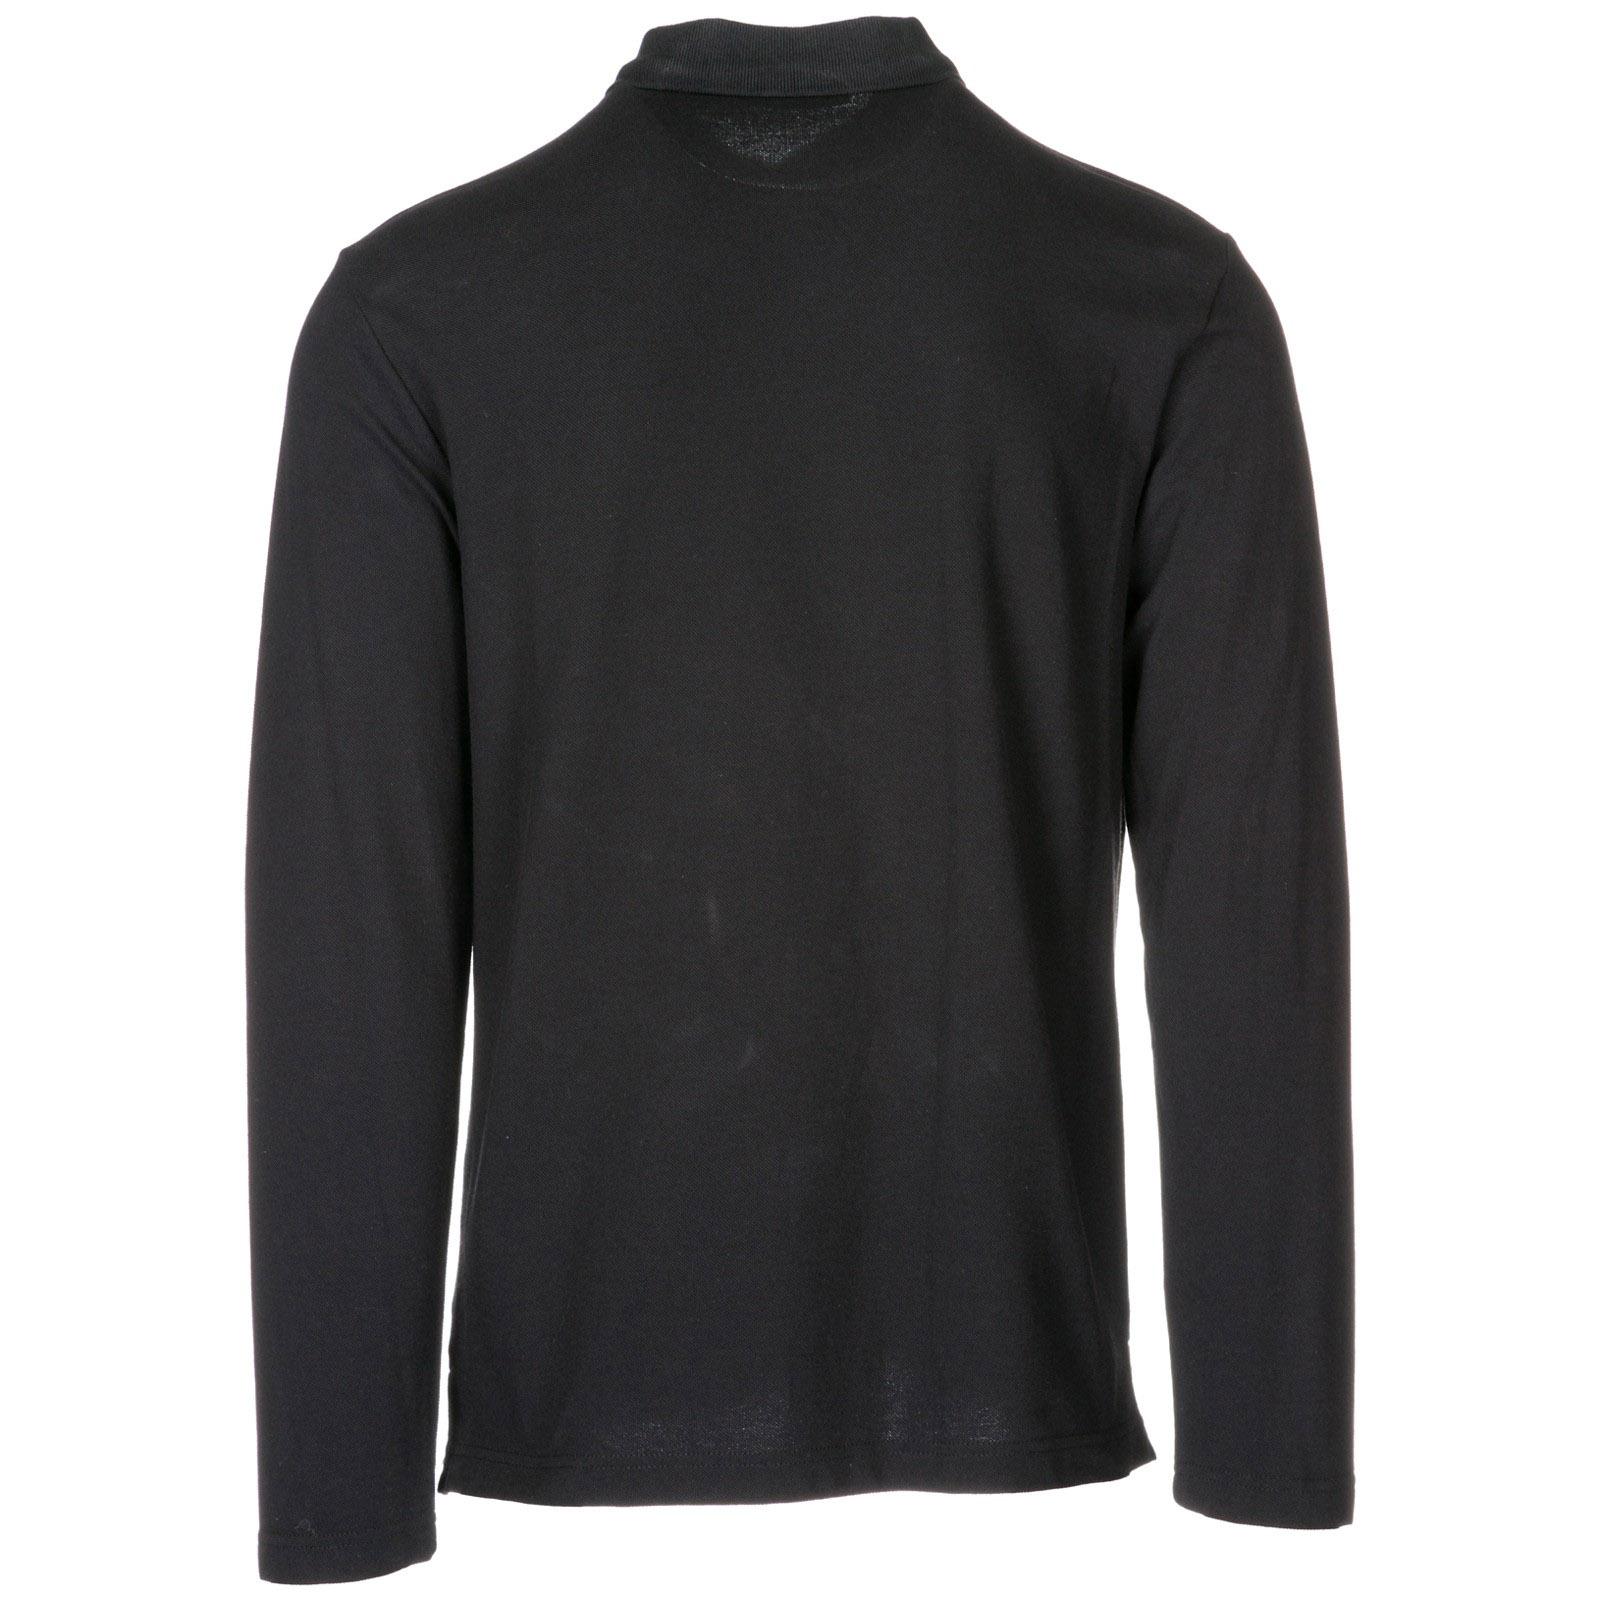 Polo manica lunga Versace Jeans B3GSA7P4 nero   FRMODA.com e55ba6d9730